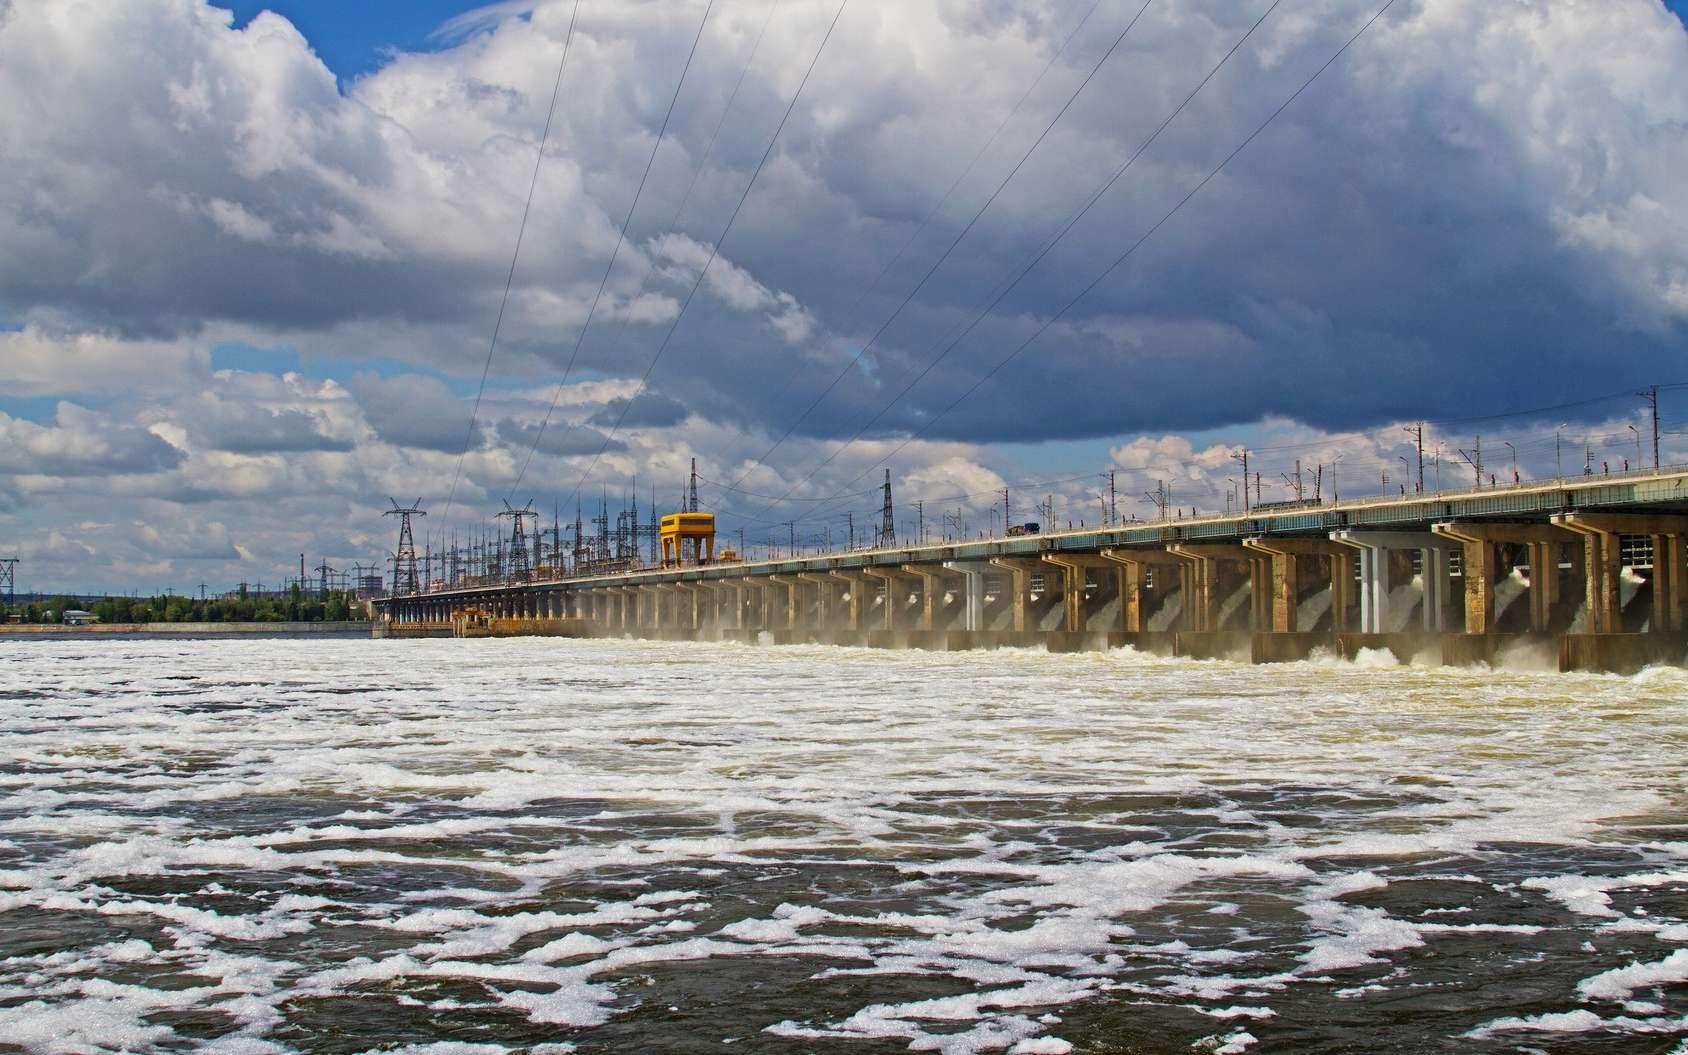 Le barrage de Volgograd est construit sur la Volga en Russie. © yulyao, Fotolia